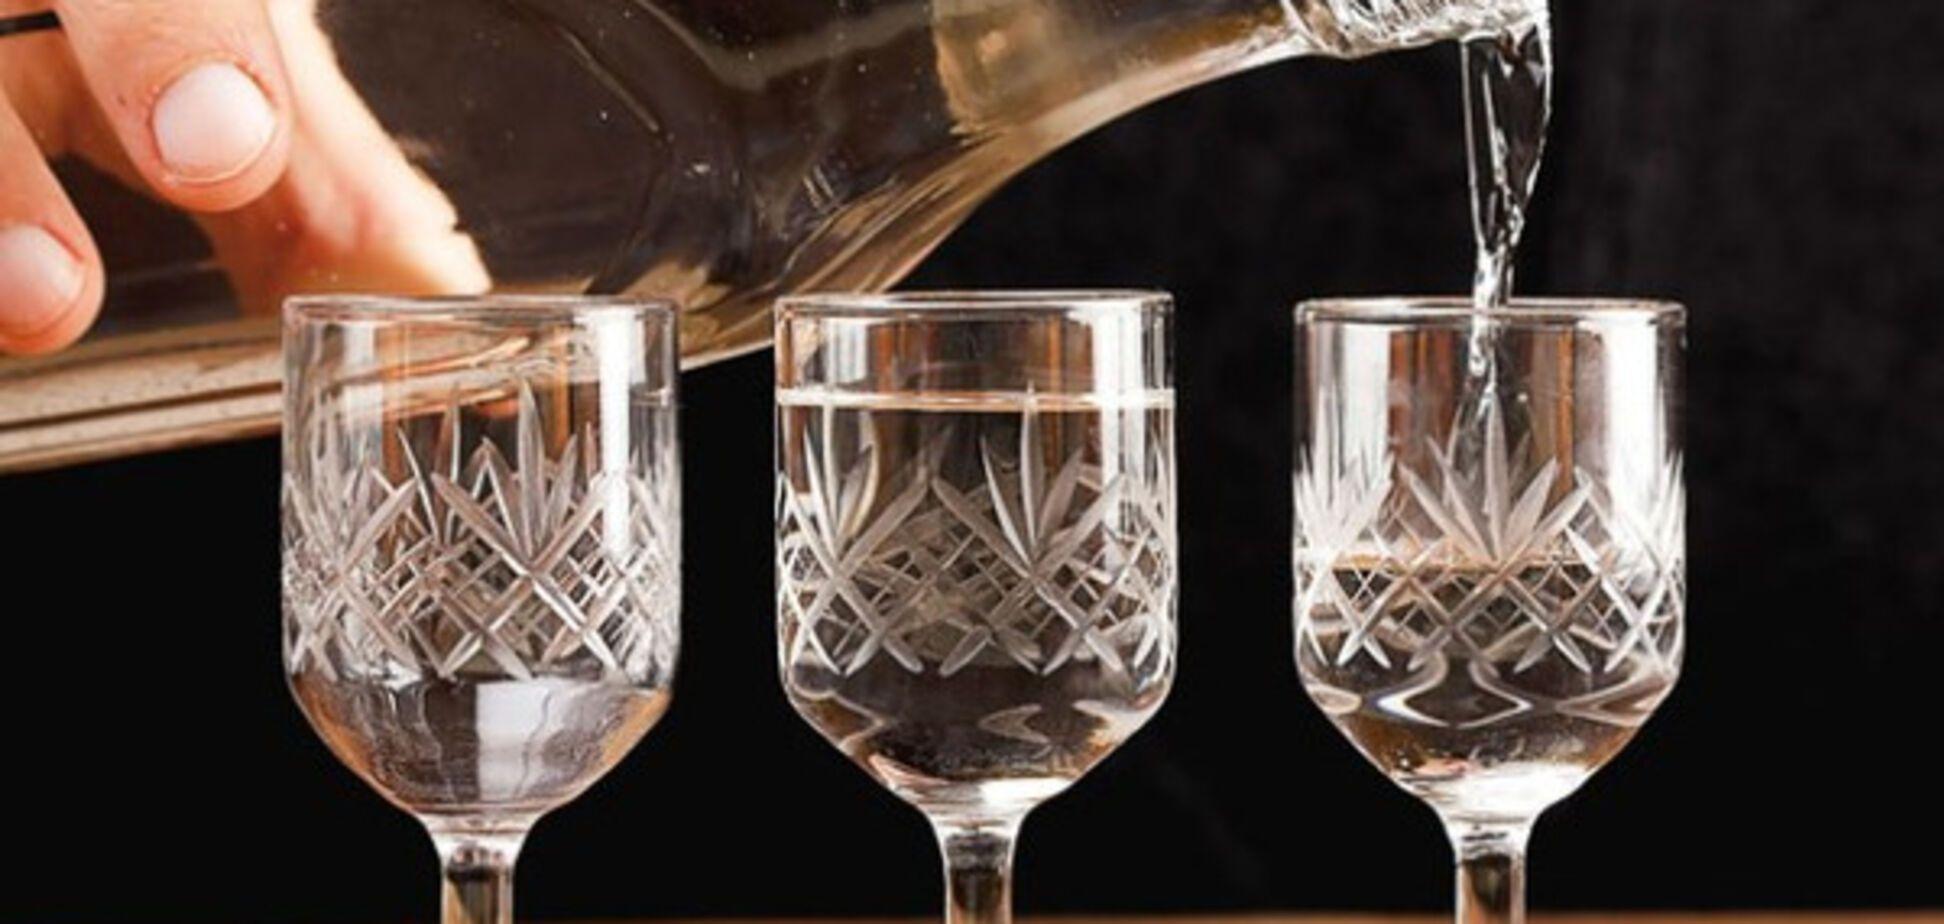 Запорожцы просят власти защитить их от некачественного алкоголя